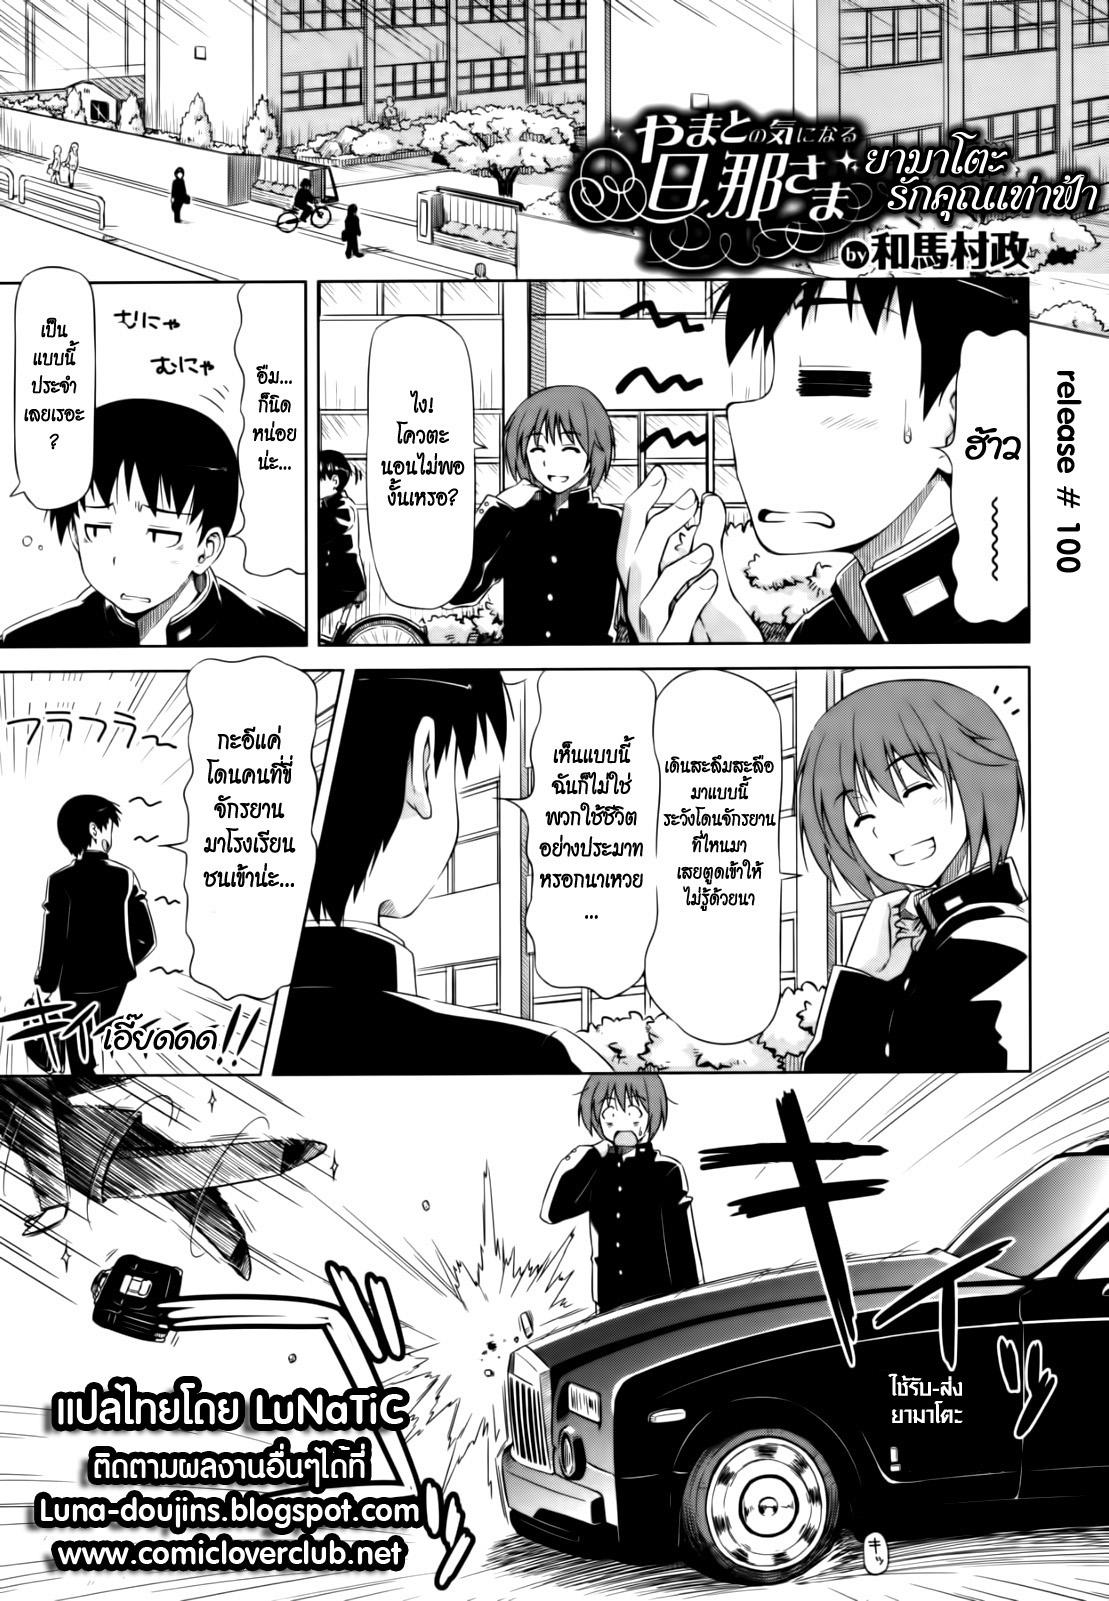 [Kazuma Muramasa] Yamato no Ki ni Naru Danna-sama (COMIC Megastore 2011-10) [Thai ภาษาไทย] [LuNaTiC]